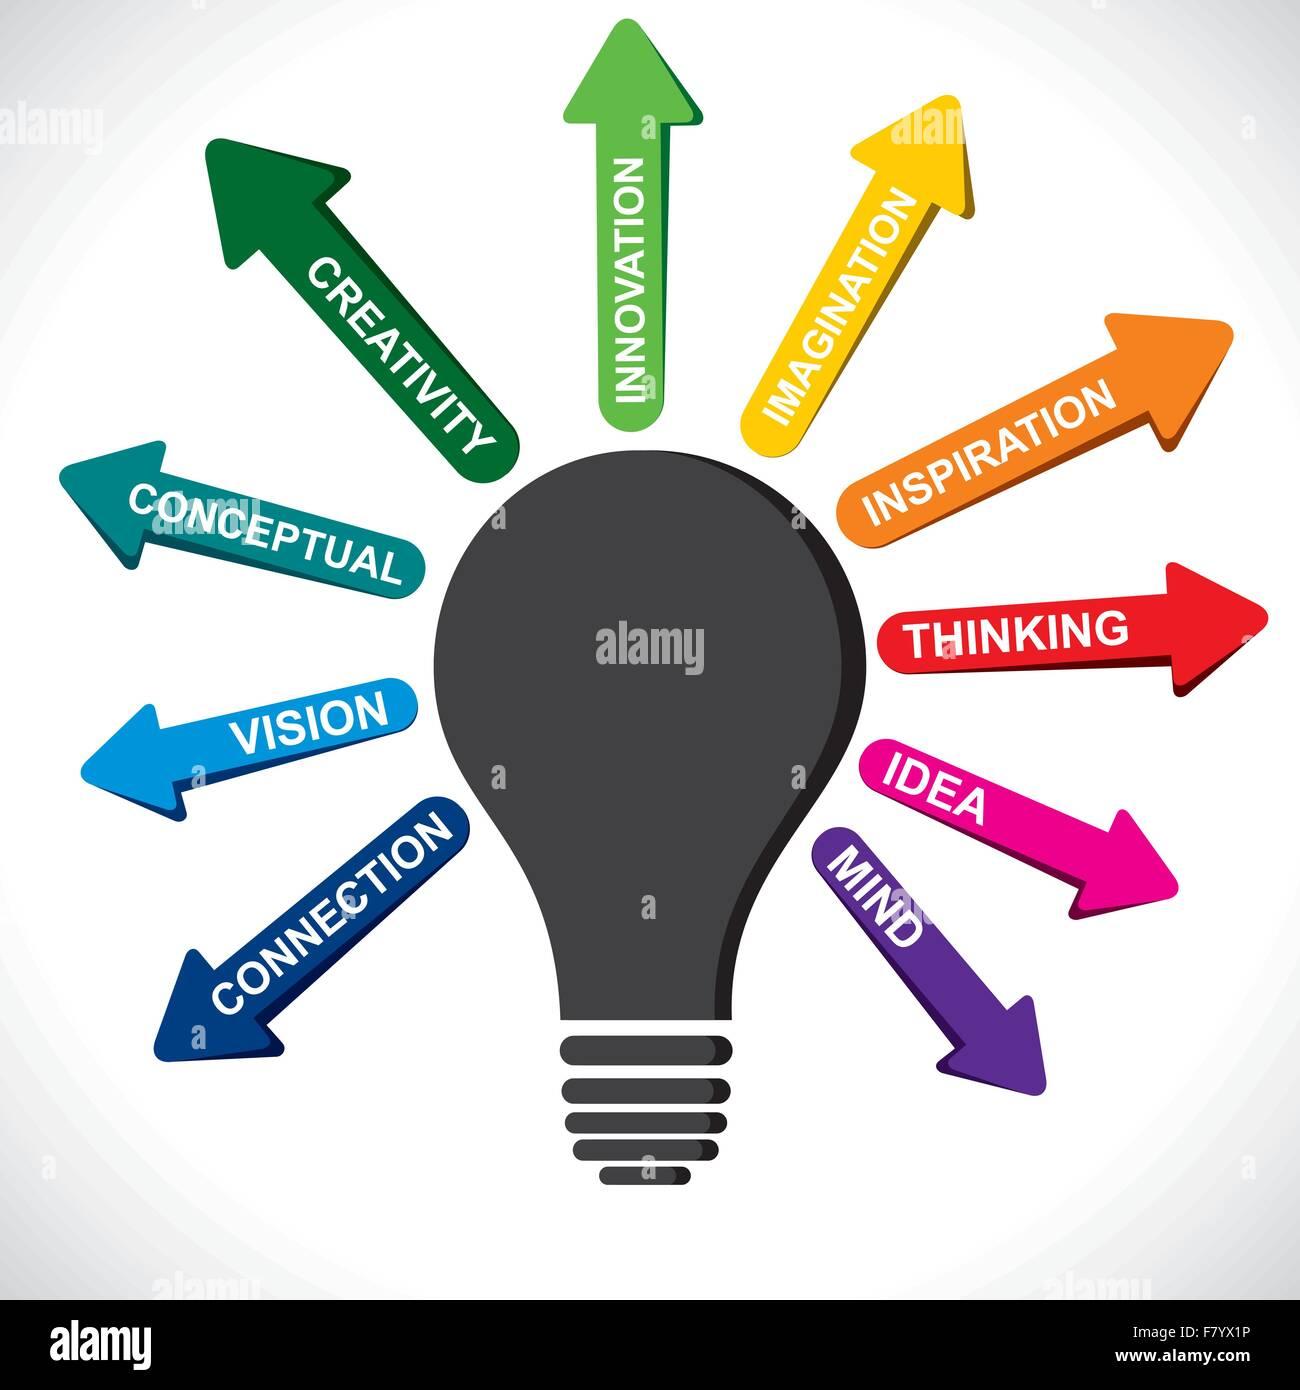 Freccia out della lampadina mostrano differenti parola creativa Immagini Stock